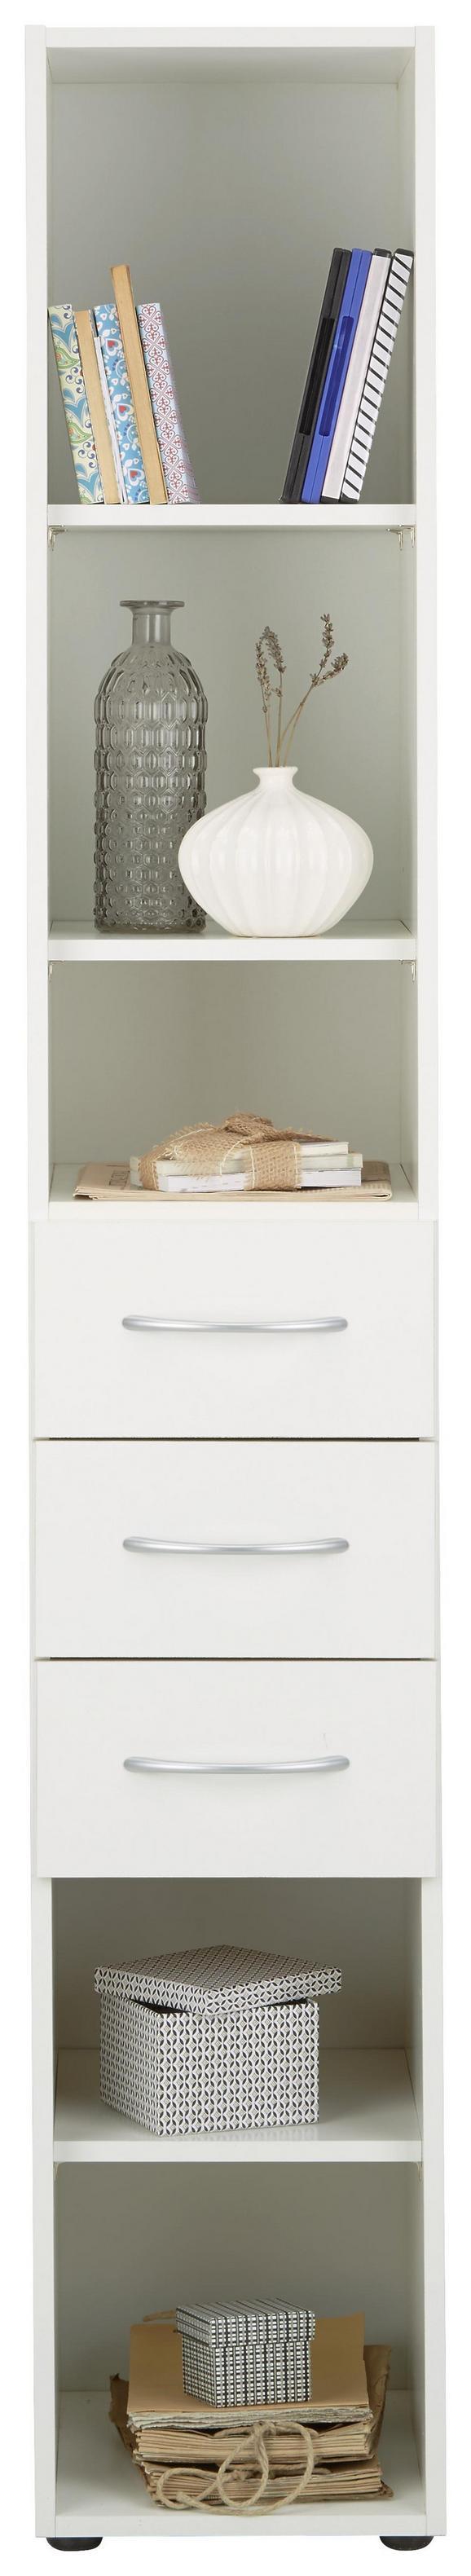 Mehrzweckschrank Mrk - Alufarben/Weiß, Holzwerkstoff/Kunststoff (30/185/40cm) - Mömax modern living